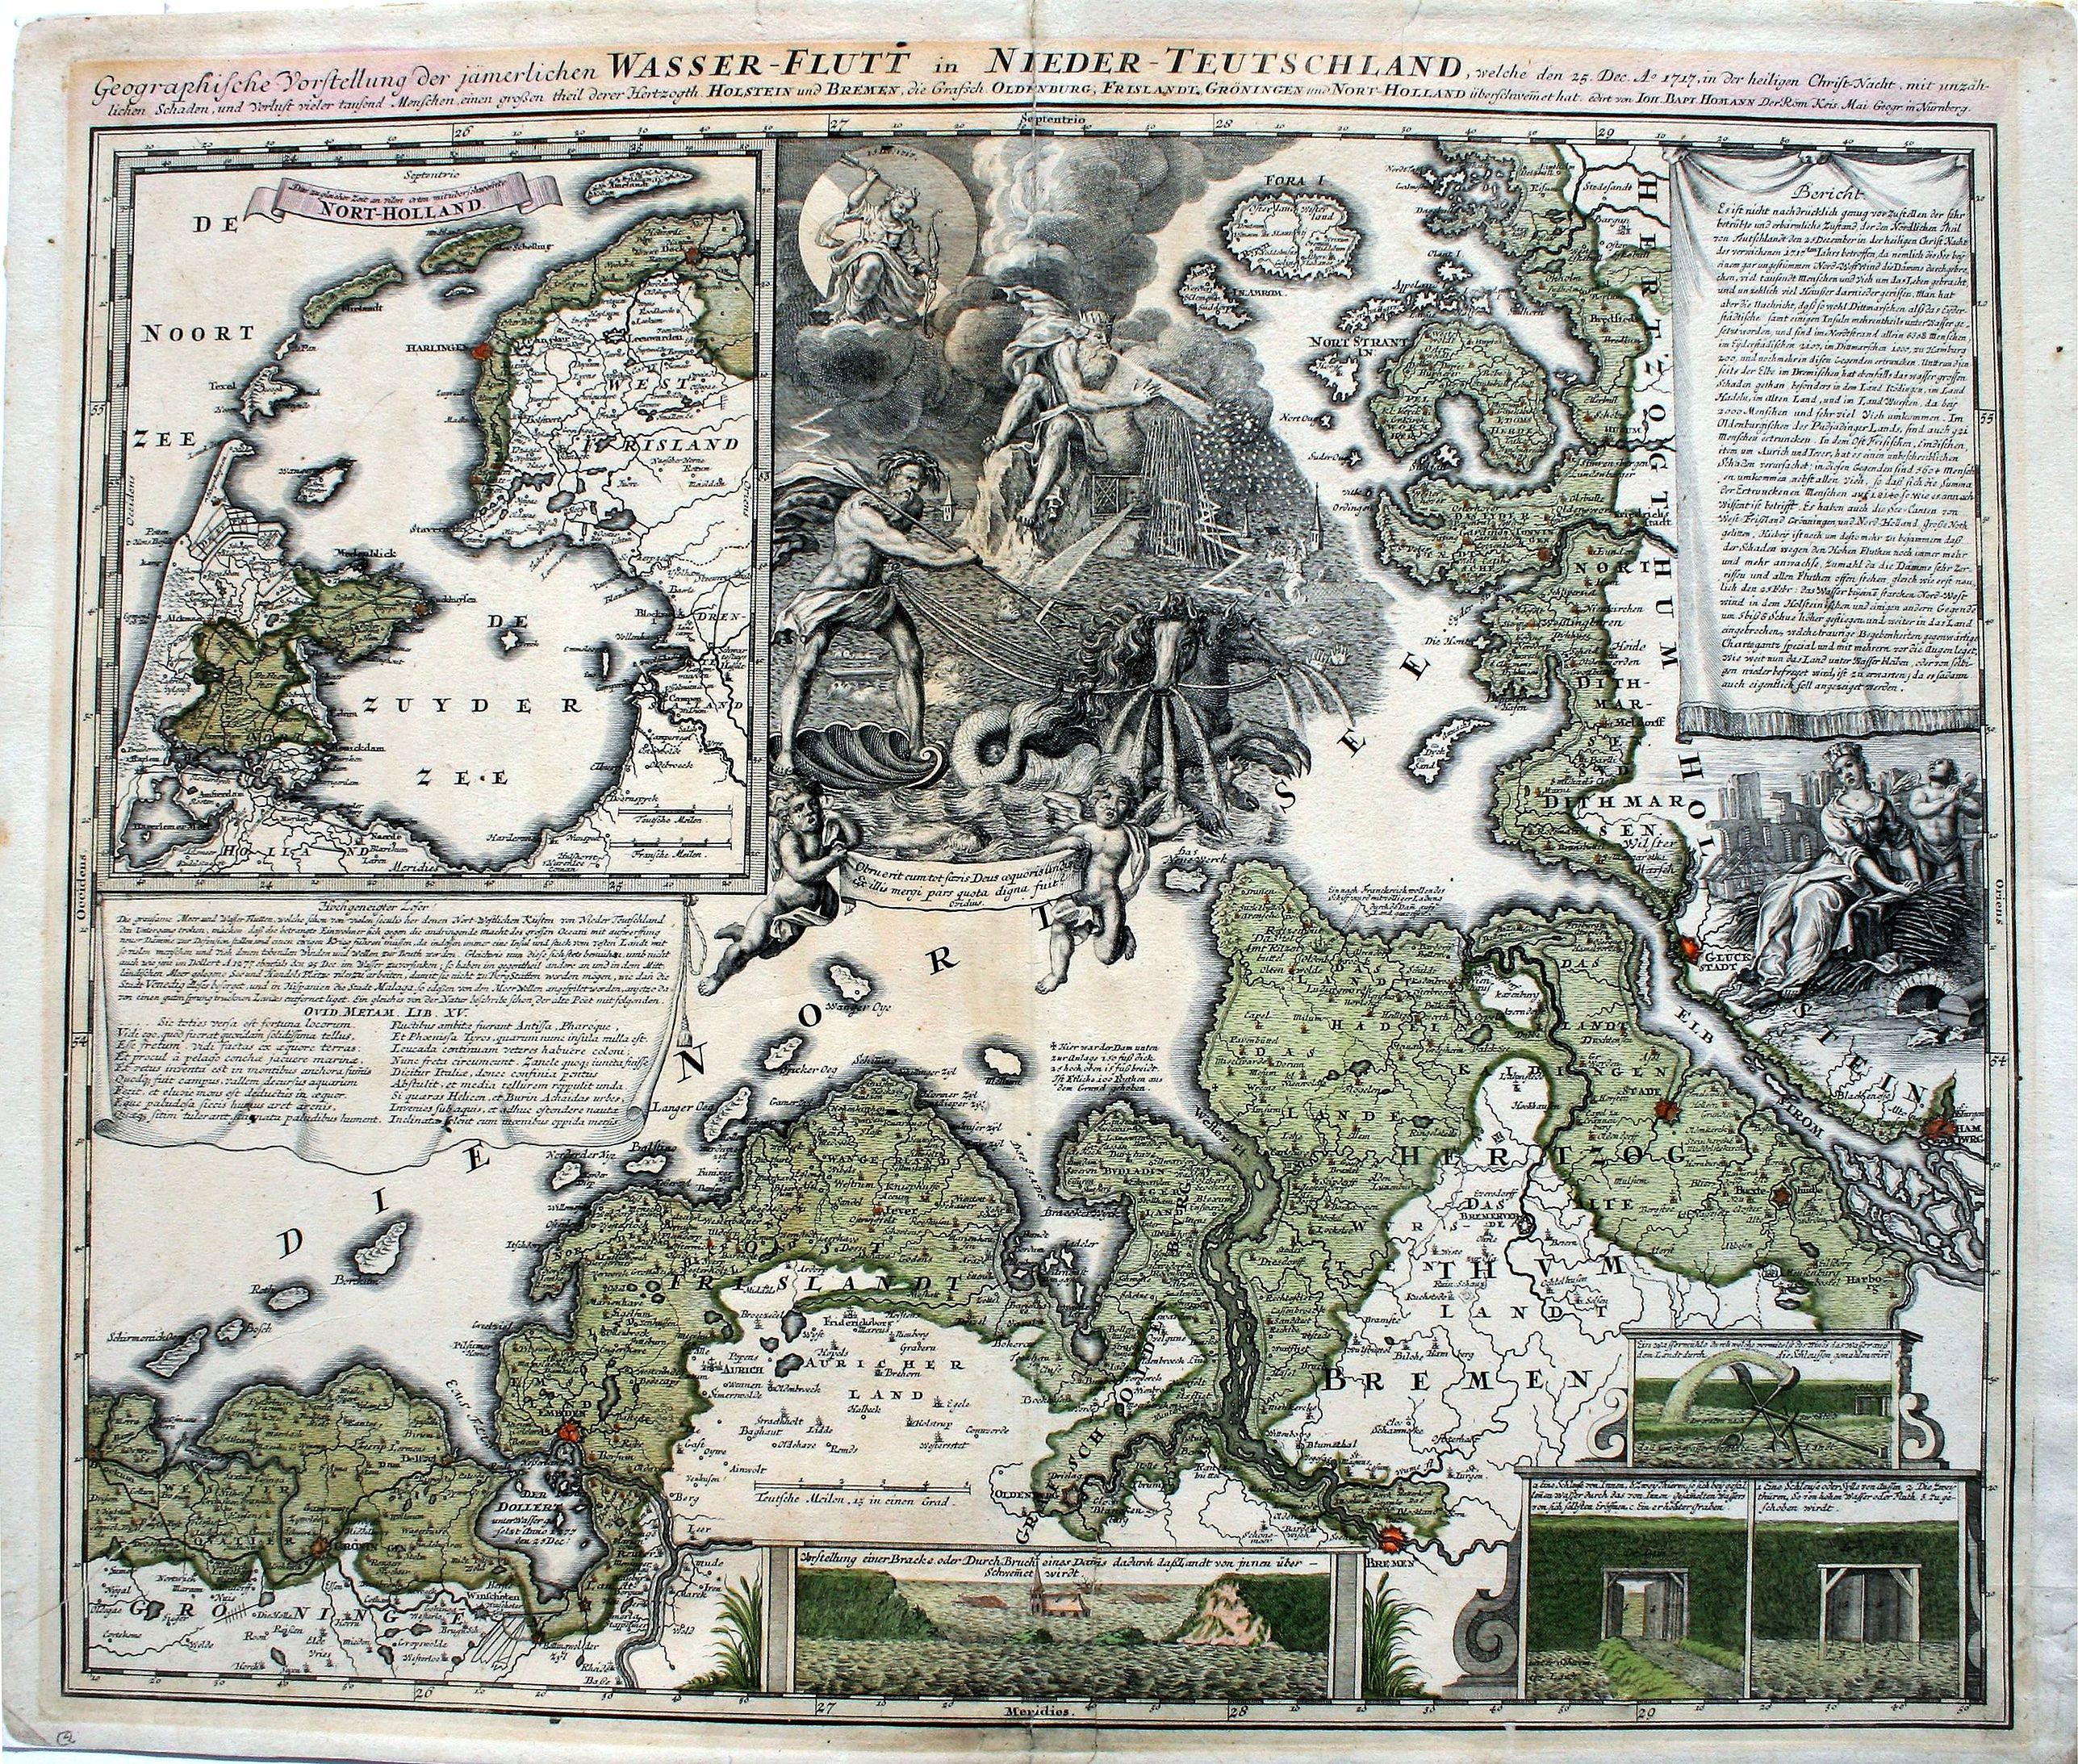 Homann, J. B. - Geographische Vorstellung der jämerlichen Wasser-Flutt in Nieder-Teutschland, welche den 25.Dec.A° 1717,in der heiligen Christ-Nacht . .